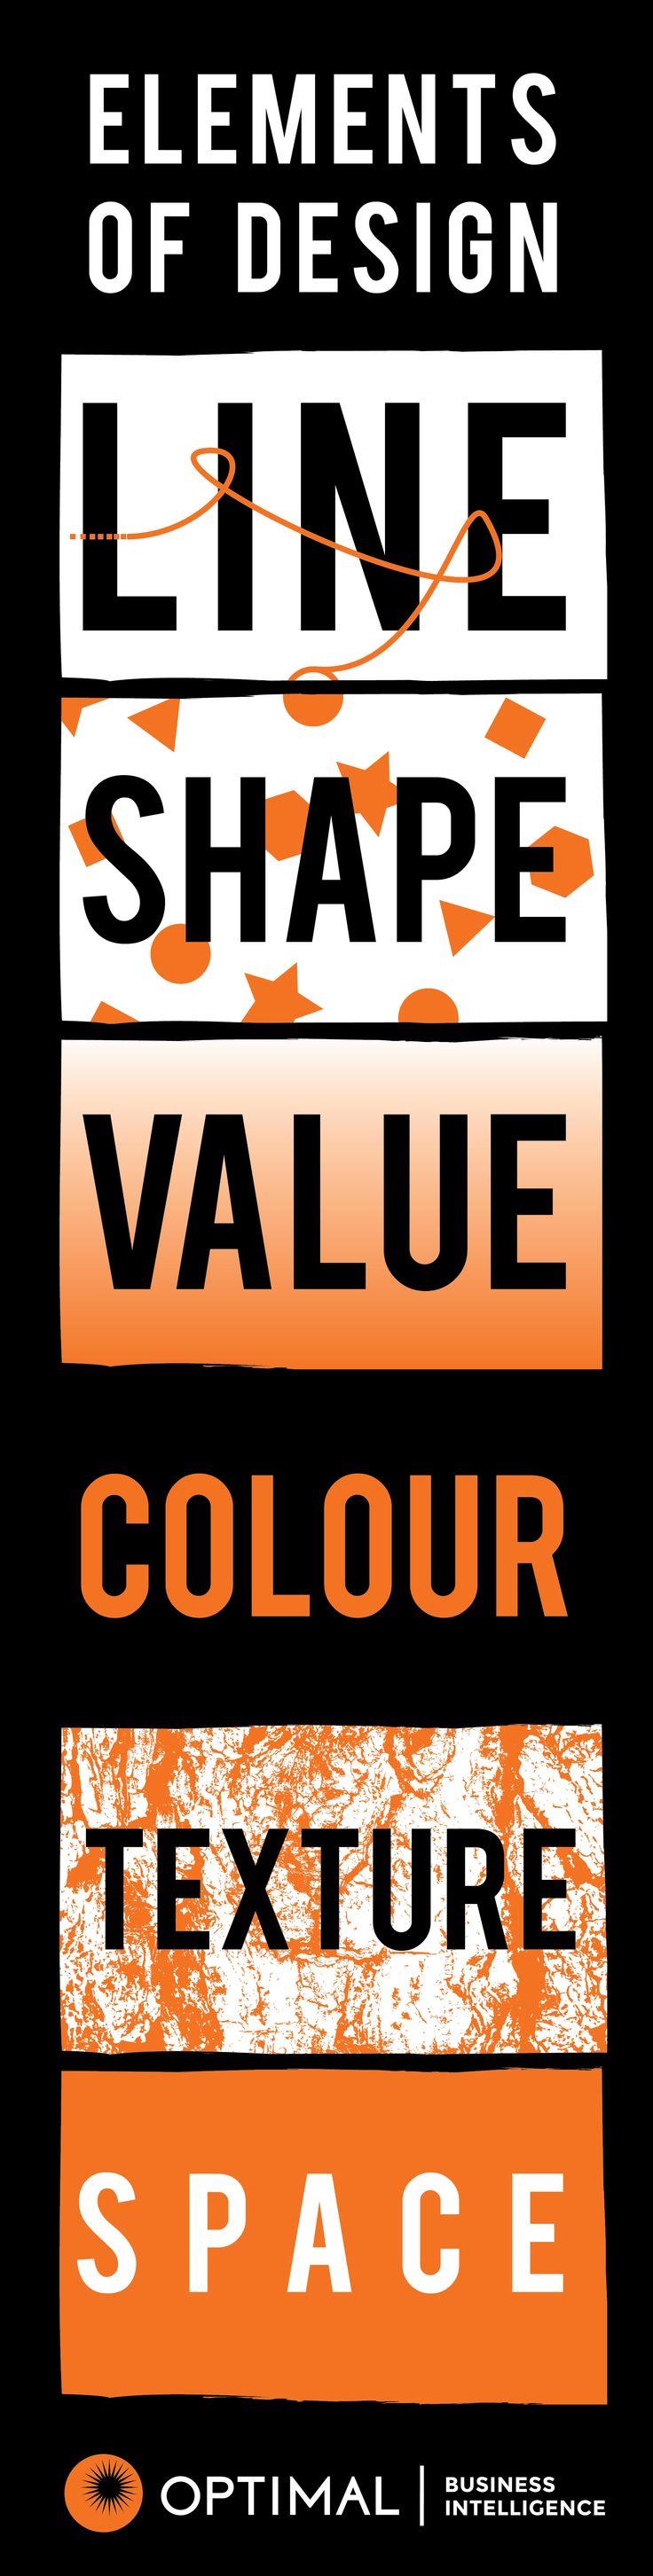 Elements of Design - Line, Shape, Value, Colour, Texture, Space #infographic #art #elementsofdesign